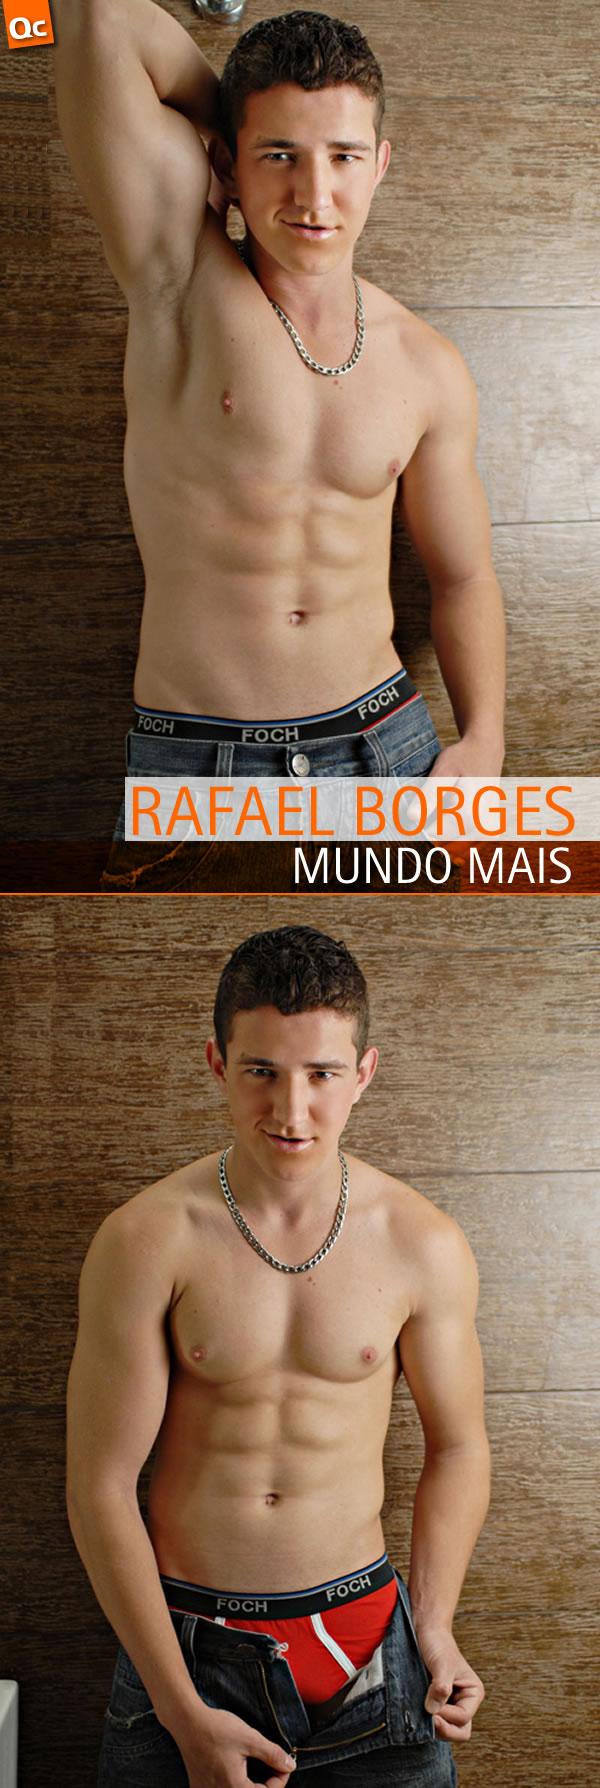 Mundo Mais: Rafael Borges